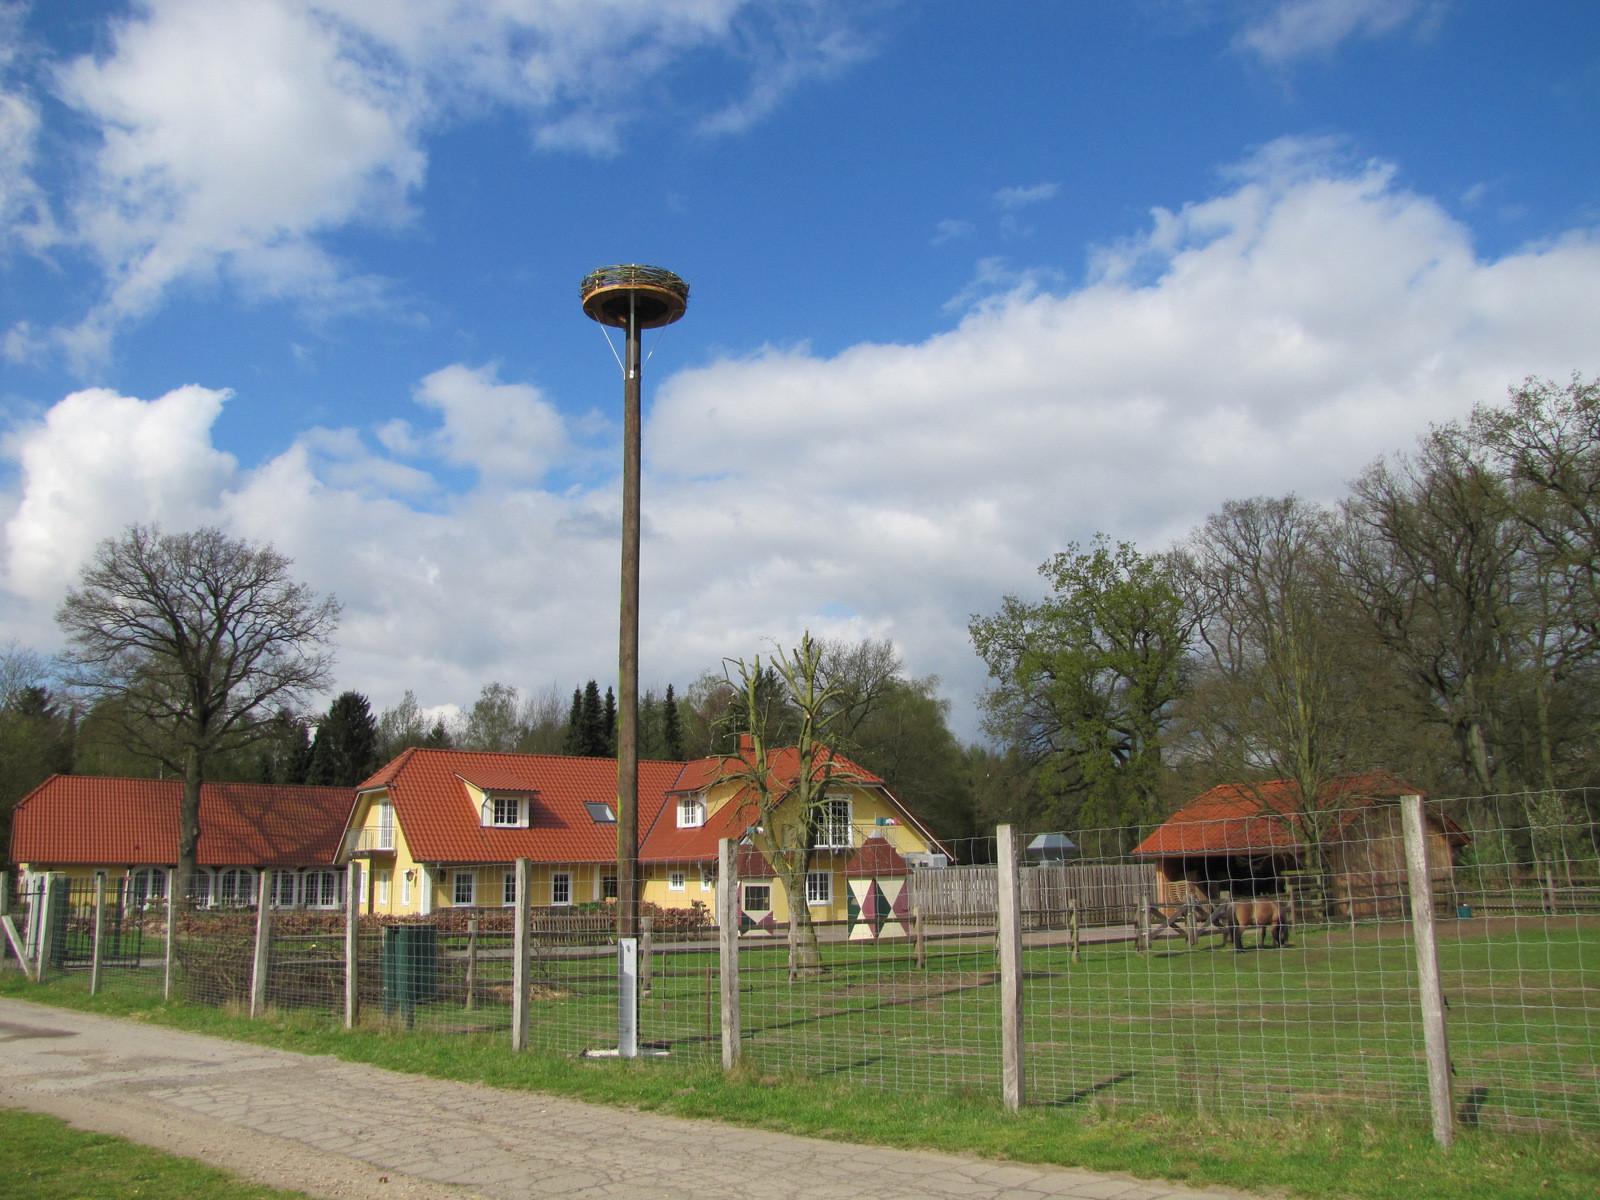 Storchennest in Lauenbrück